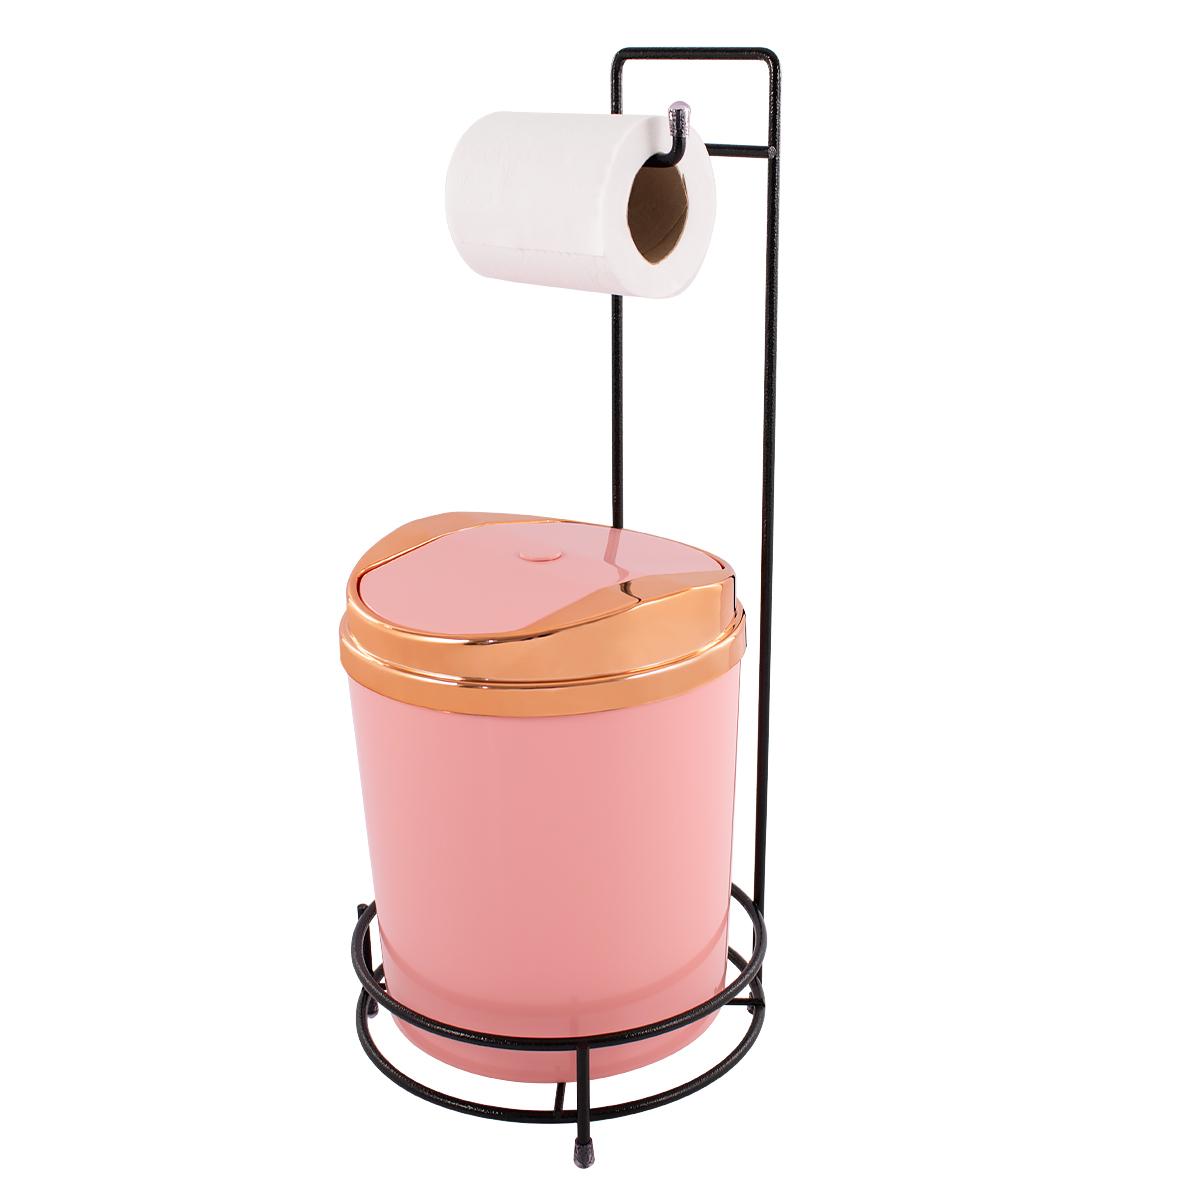 Suporte Para Papel Higiênico Preto Lixeira 5 Litros Basculante Cobre